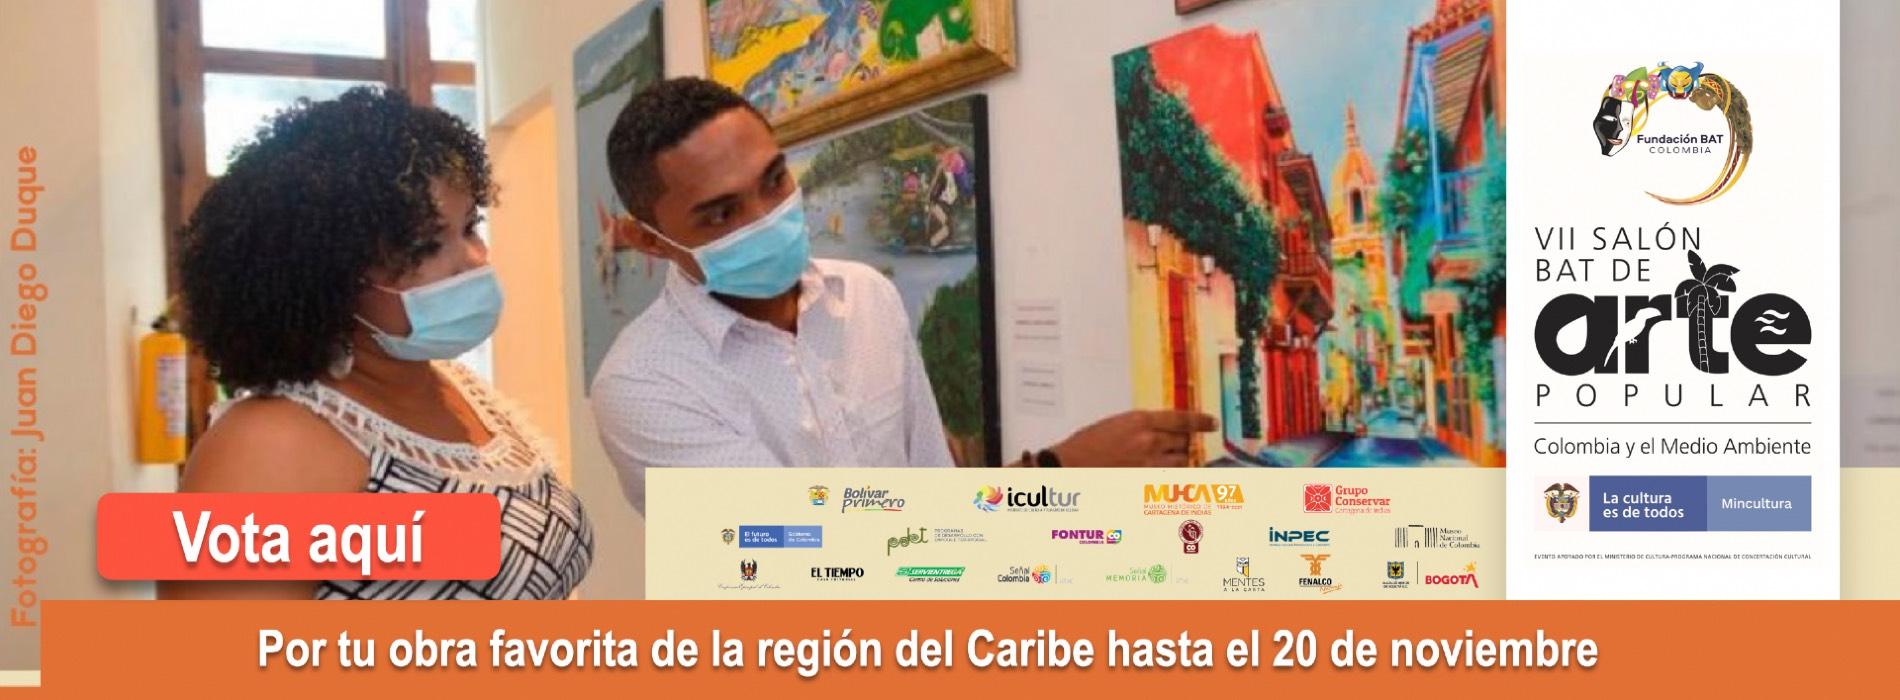 Votaciones Cartagena